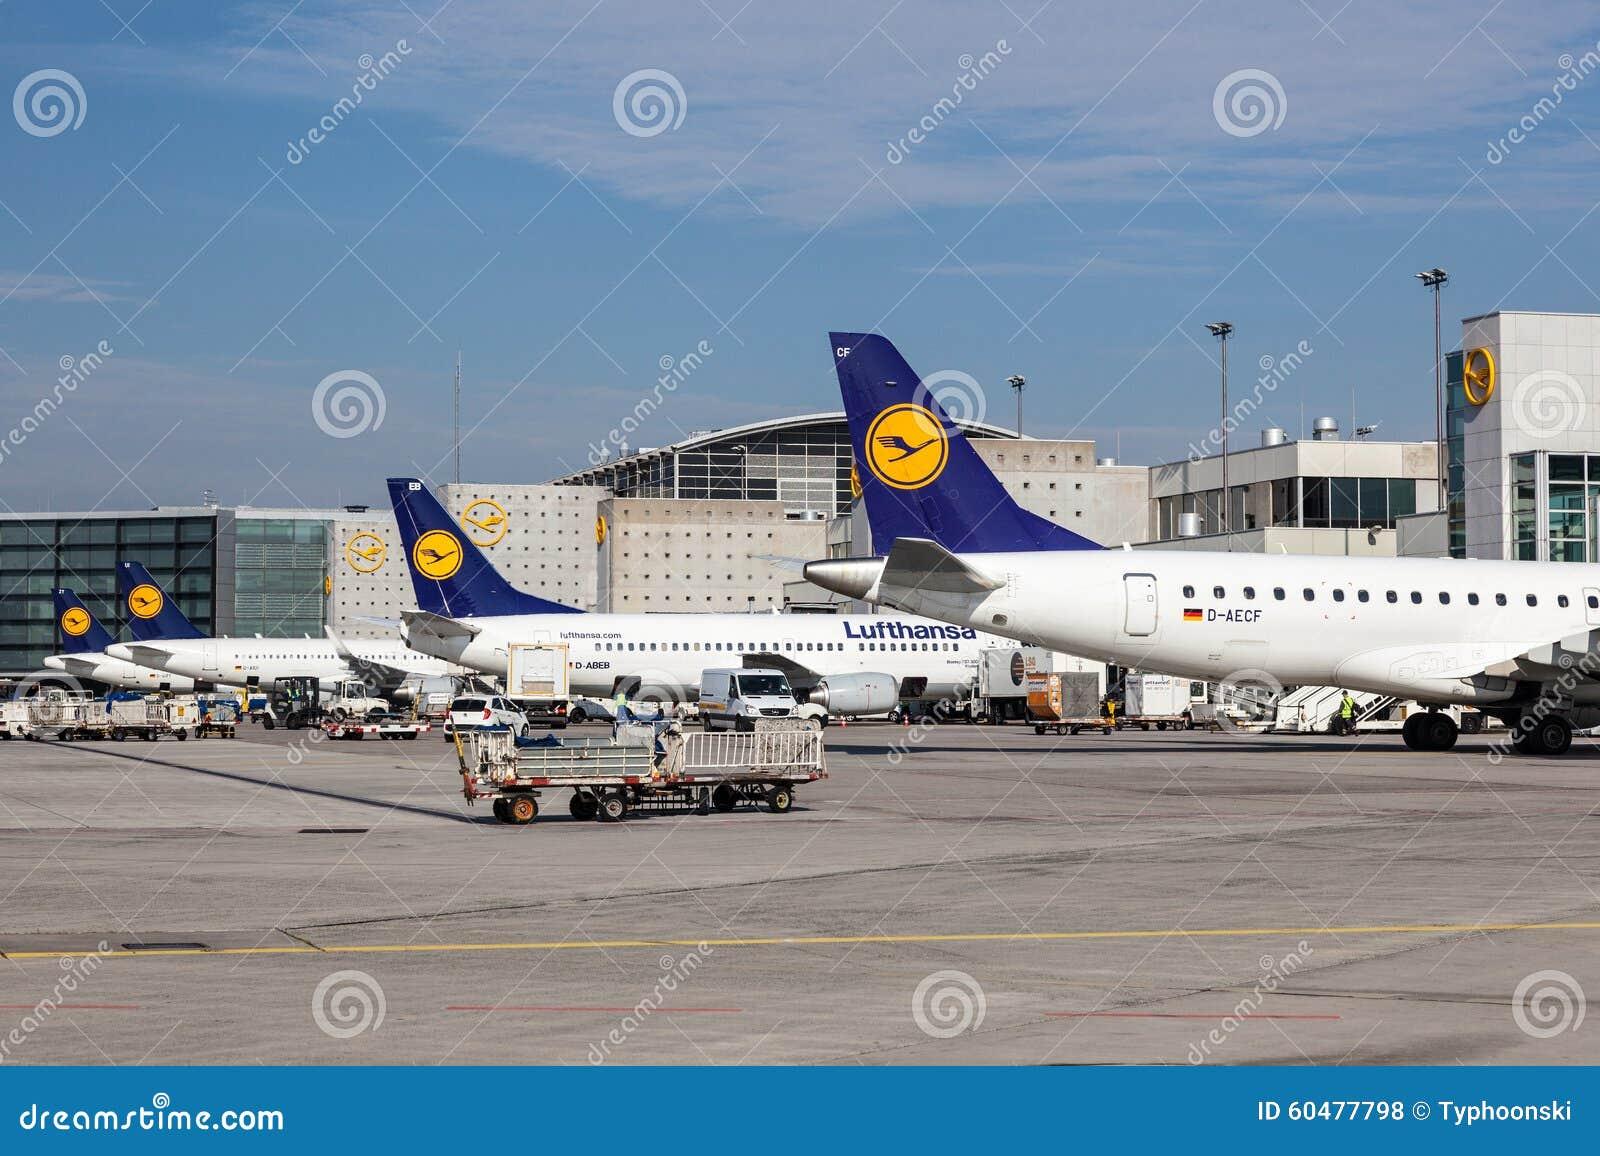 Lufthansa Flugzeuge Am Frankfurt Flughafen Redaktionelles Stockfoto